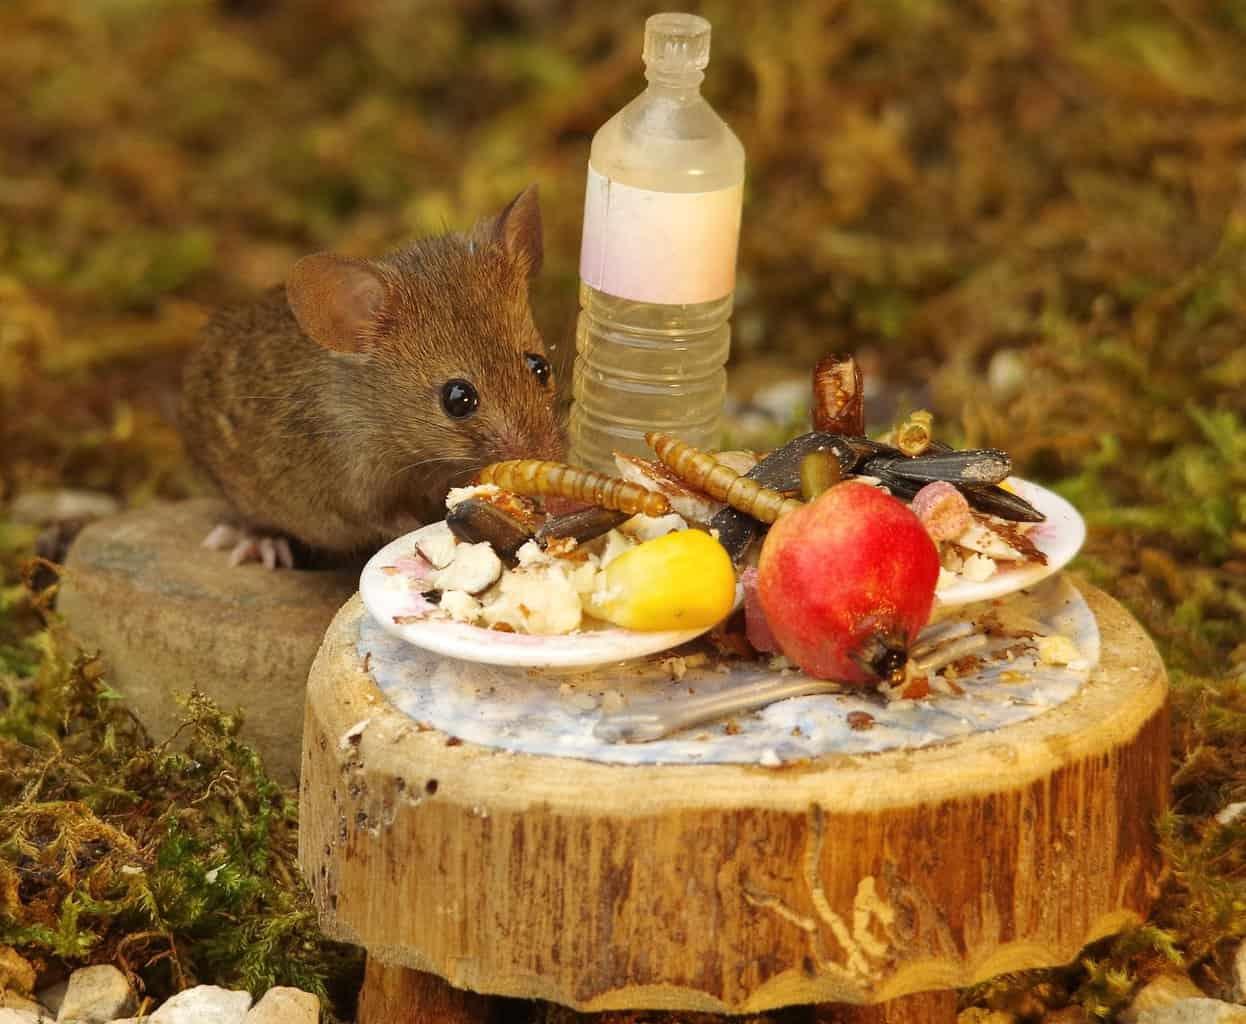 Мужик нашел в саду семью мышей. И построил им ?деревню?! Фотосессия тоже удалась!